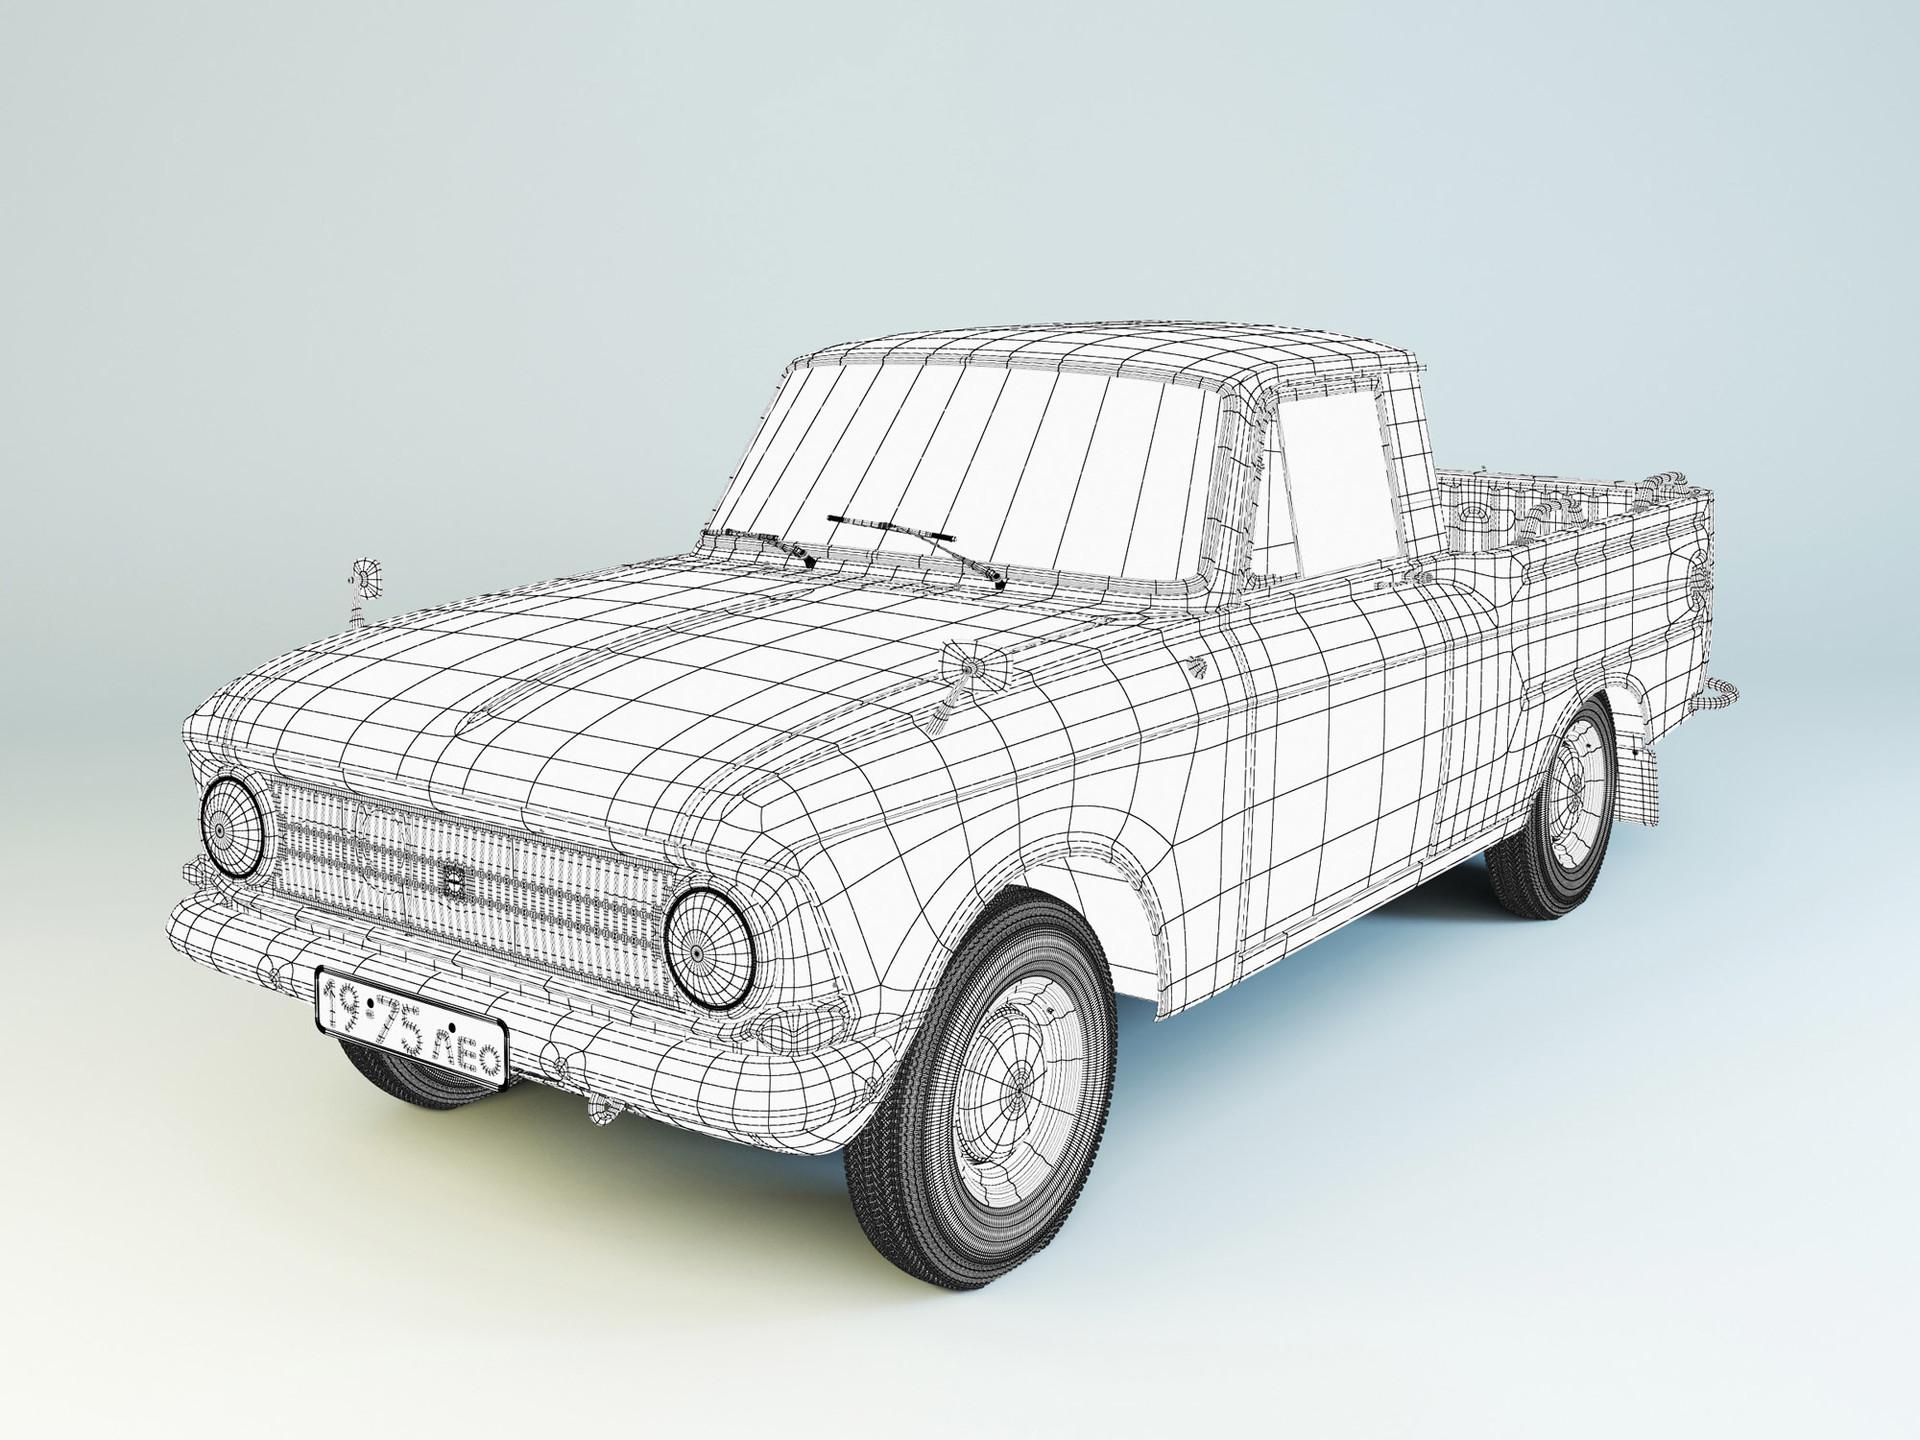 Nail khusnutdinov 004 ig 27151 modelling wire 0000